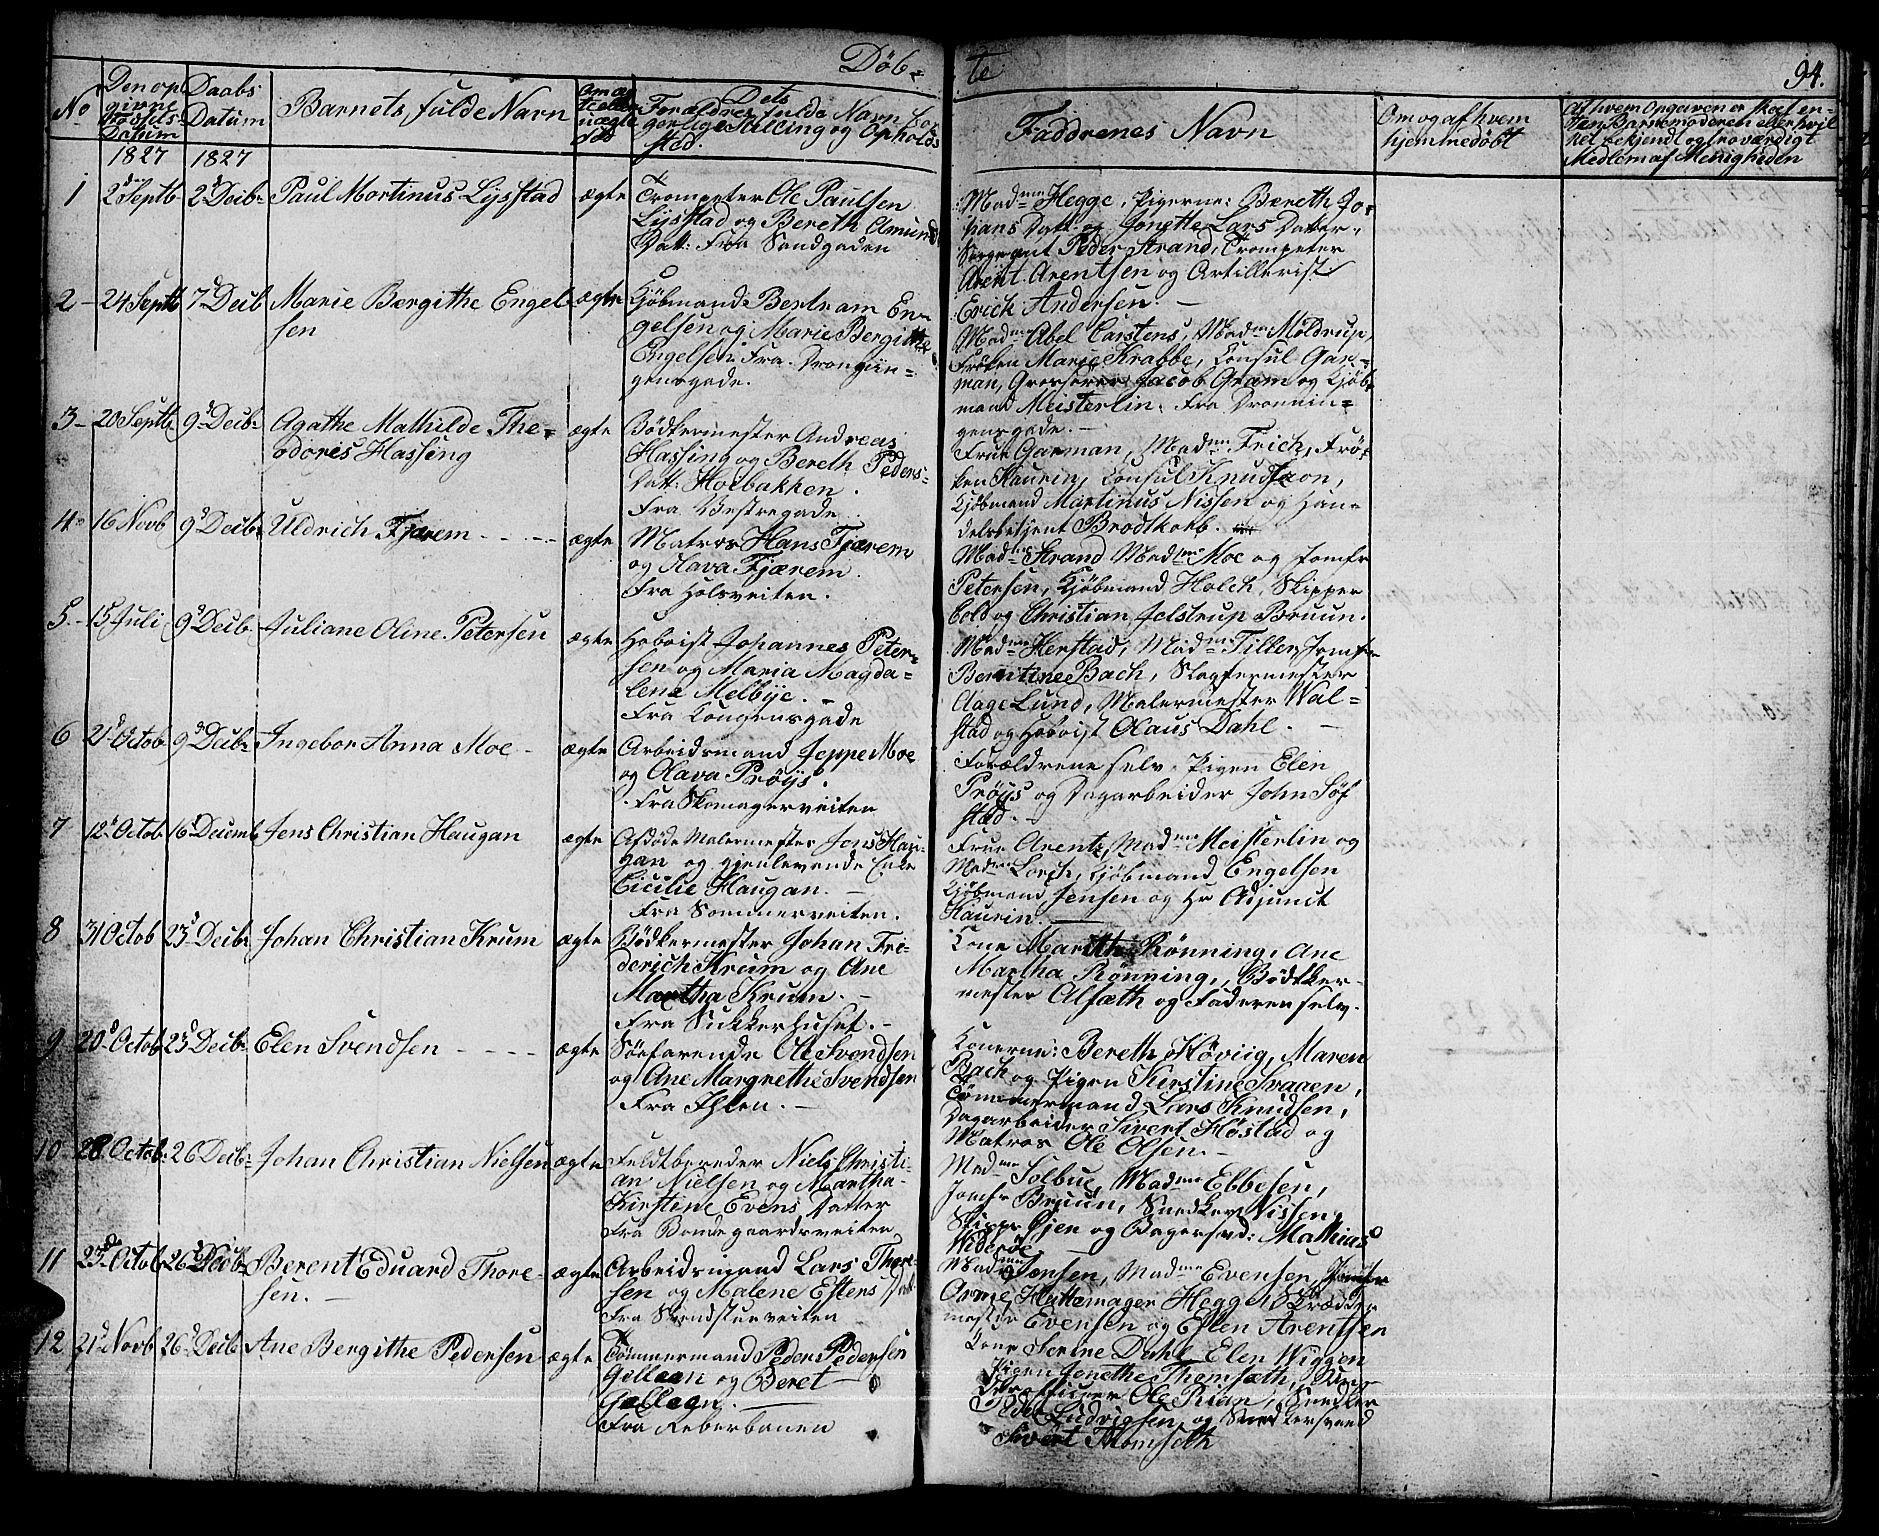 SAT, Ministerialprotokoller, klokkerbøker og fødselsregistre - Sør-Trøndelag, 601/L0045: Ministerialbok nr. 601A13, 1821-1831, s. 94